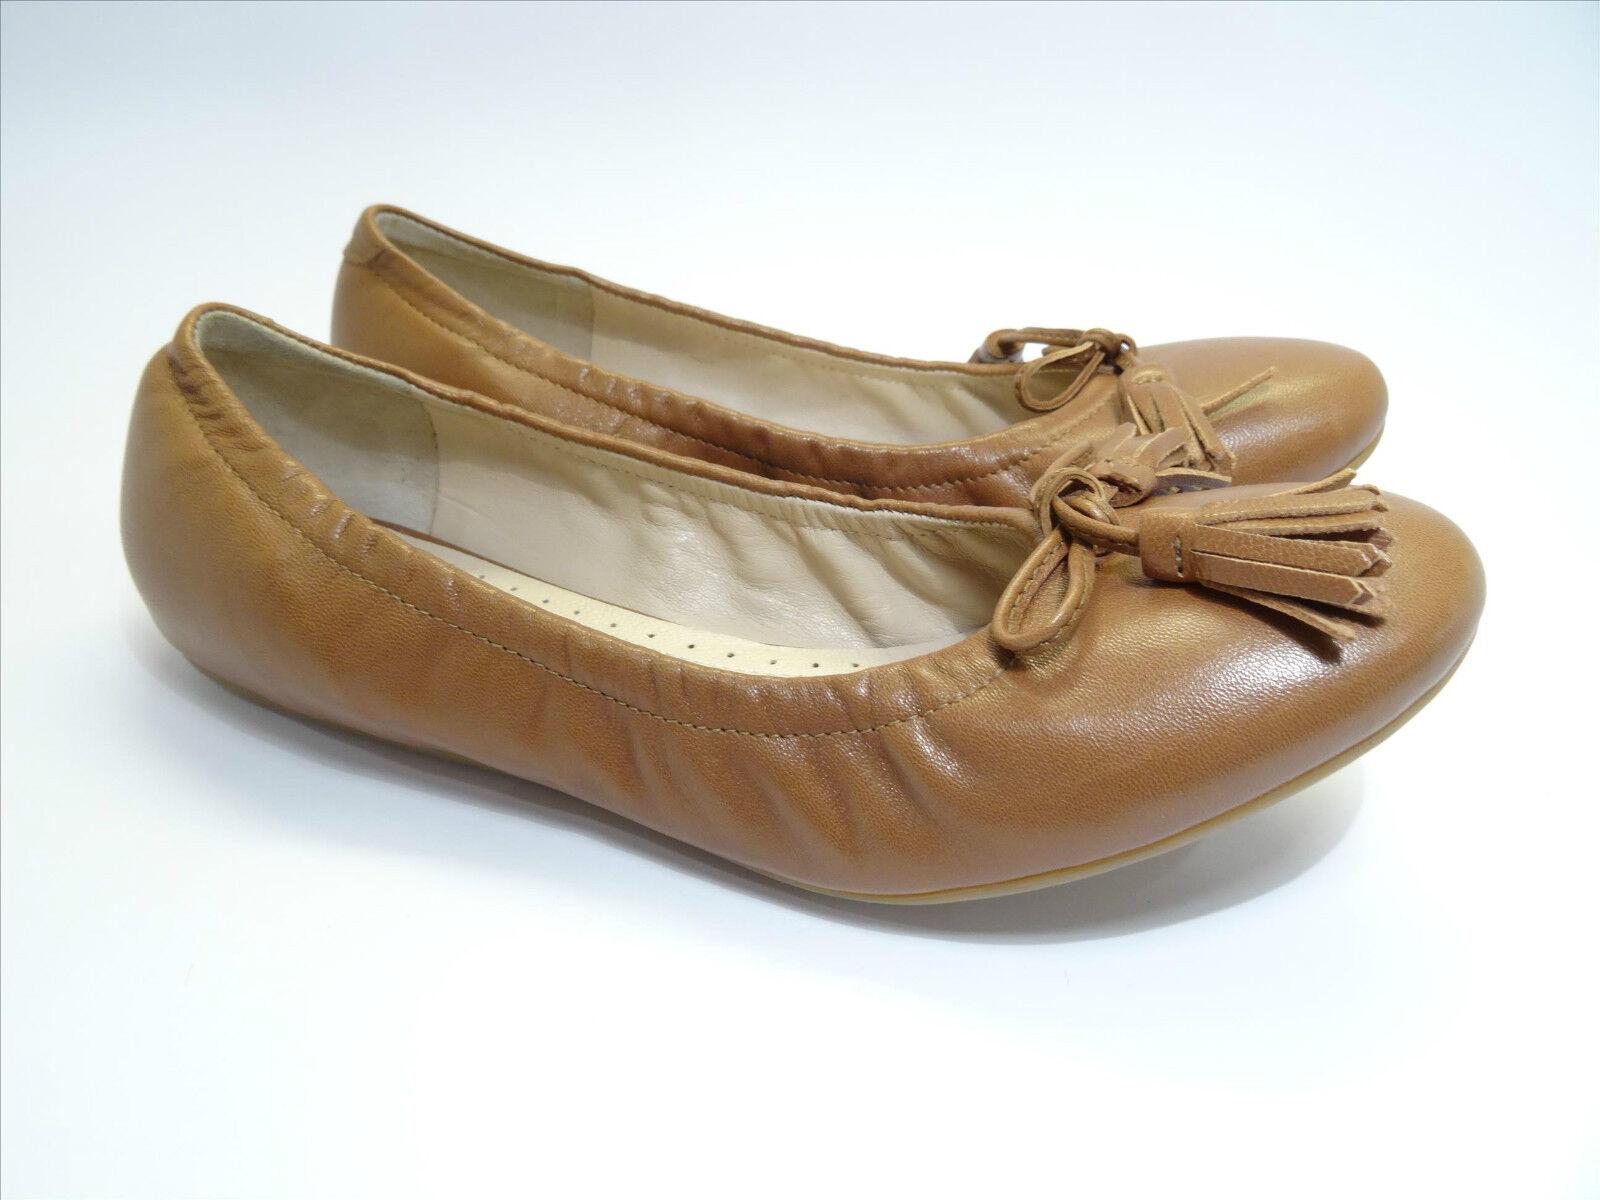 la migliore offerta del negozio online HONOR Tan in Pelle da Donna Piatti-John Lewis-taglia 4 4 4 - 20.000 + feedback  SH36  sconto di vendita